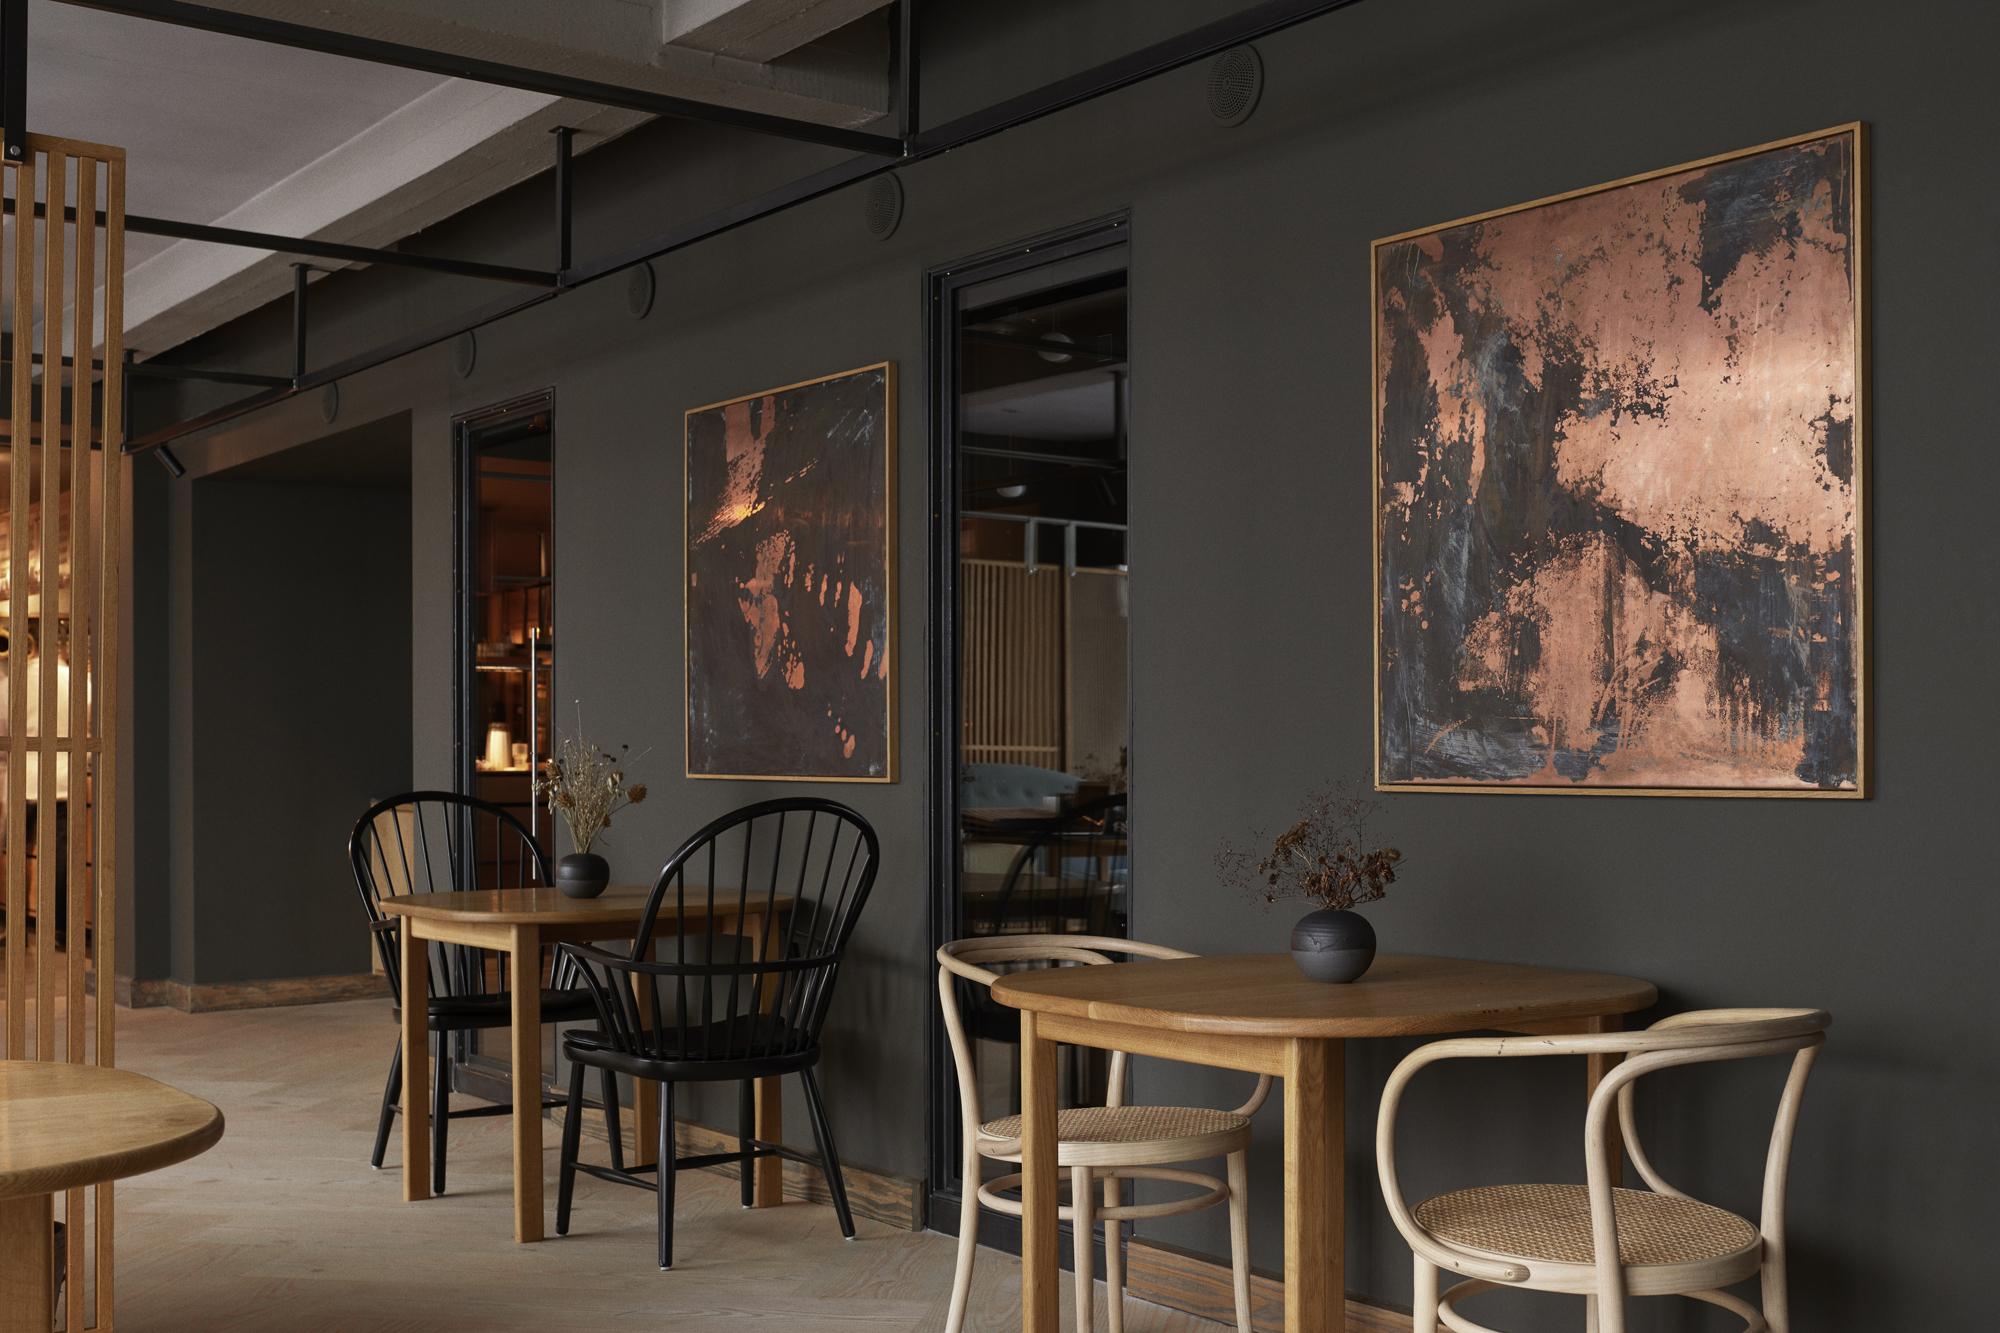 Ein klares Plädoyer für mehr Gemütlichkeit gibt das Kopenhagener Restaurant Kadeau. Es ist die 2015 eröffnete Dependance des gleichnamigen Restaurants auf der Insel Bornholm und hat schon nach kurzer Zeit unter der Leitung von Nicolai Nørregaard seinen zweiten Michelin-Stern errungen.